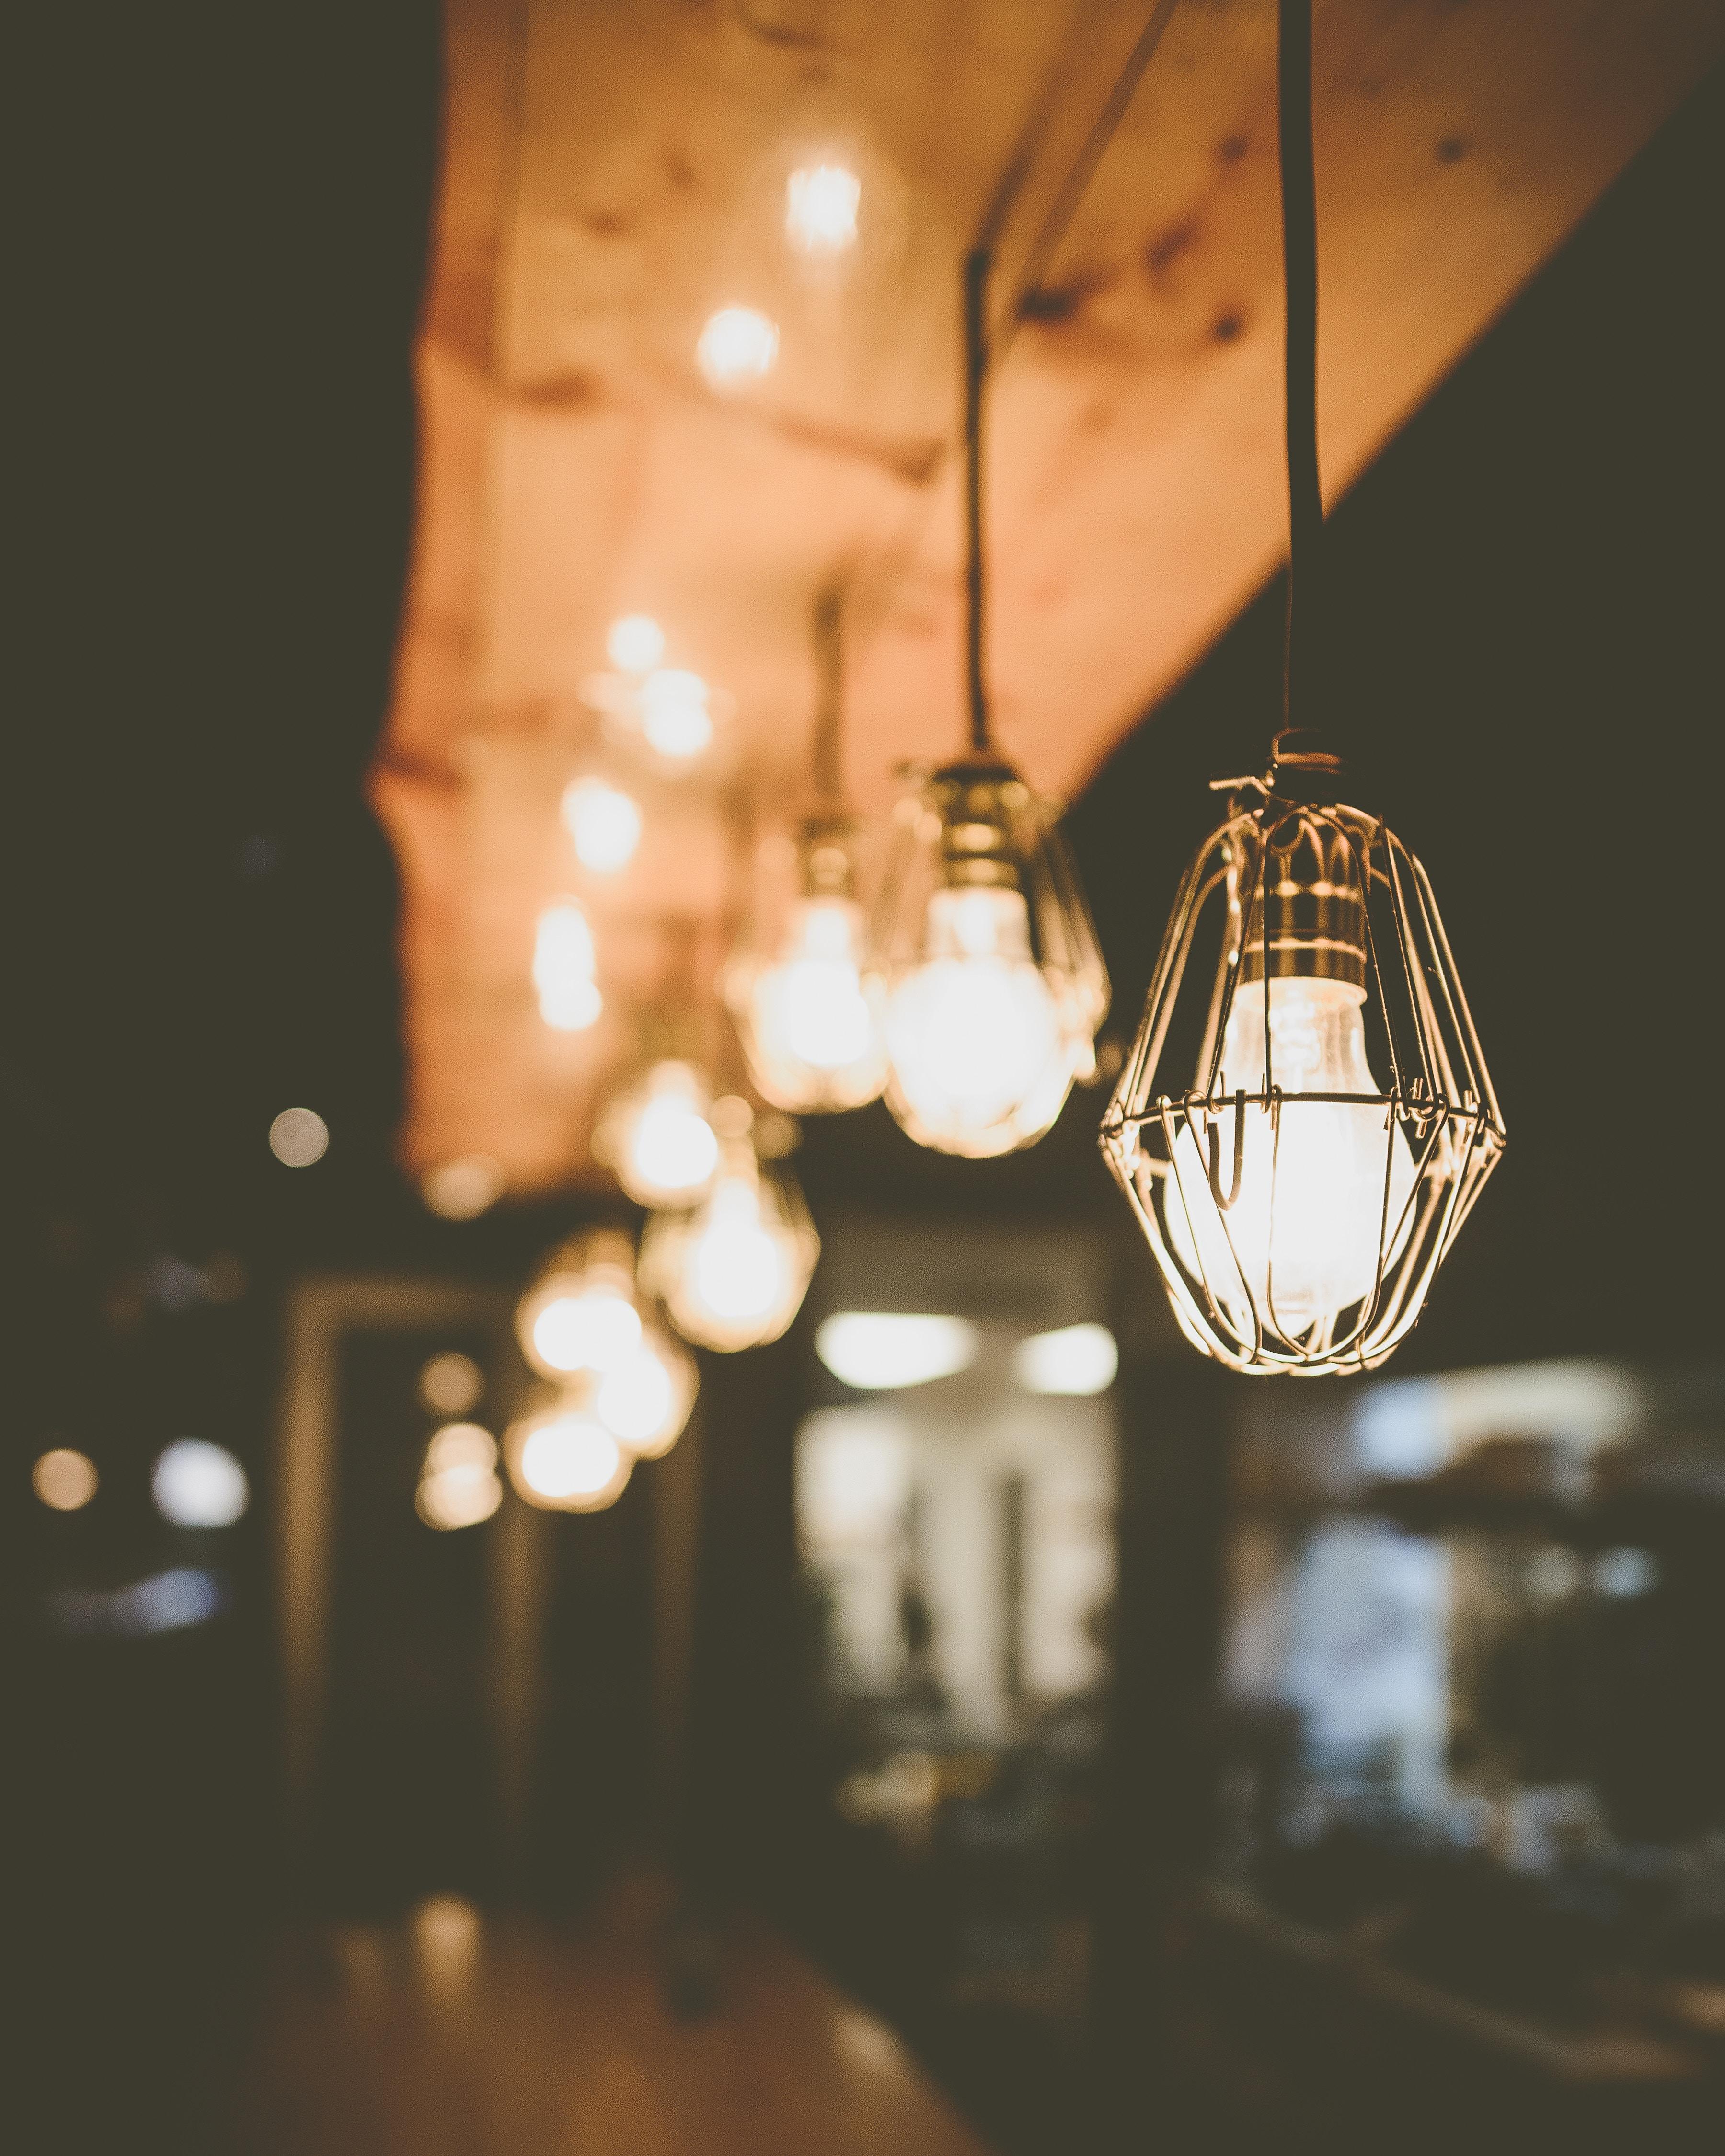 123222 Protetores de tela e papéis de parede Metal em seu telefone. Baixe Luzes, Miscelânea, Variado, Iluminação, Metal, Metálico, Lâmpadas, Eletricidade, Luminárias, Loft, Sótão fotos gratuitamente